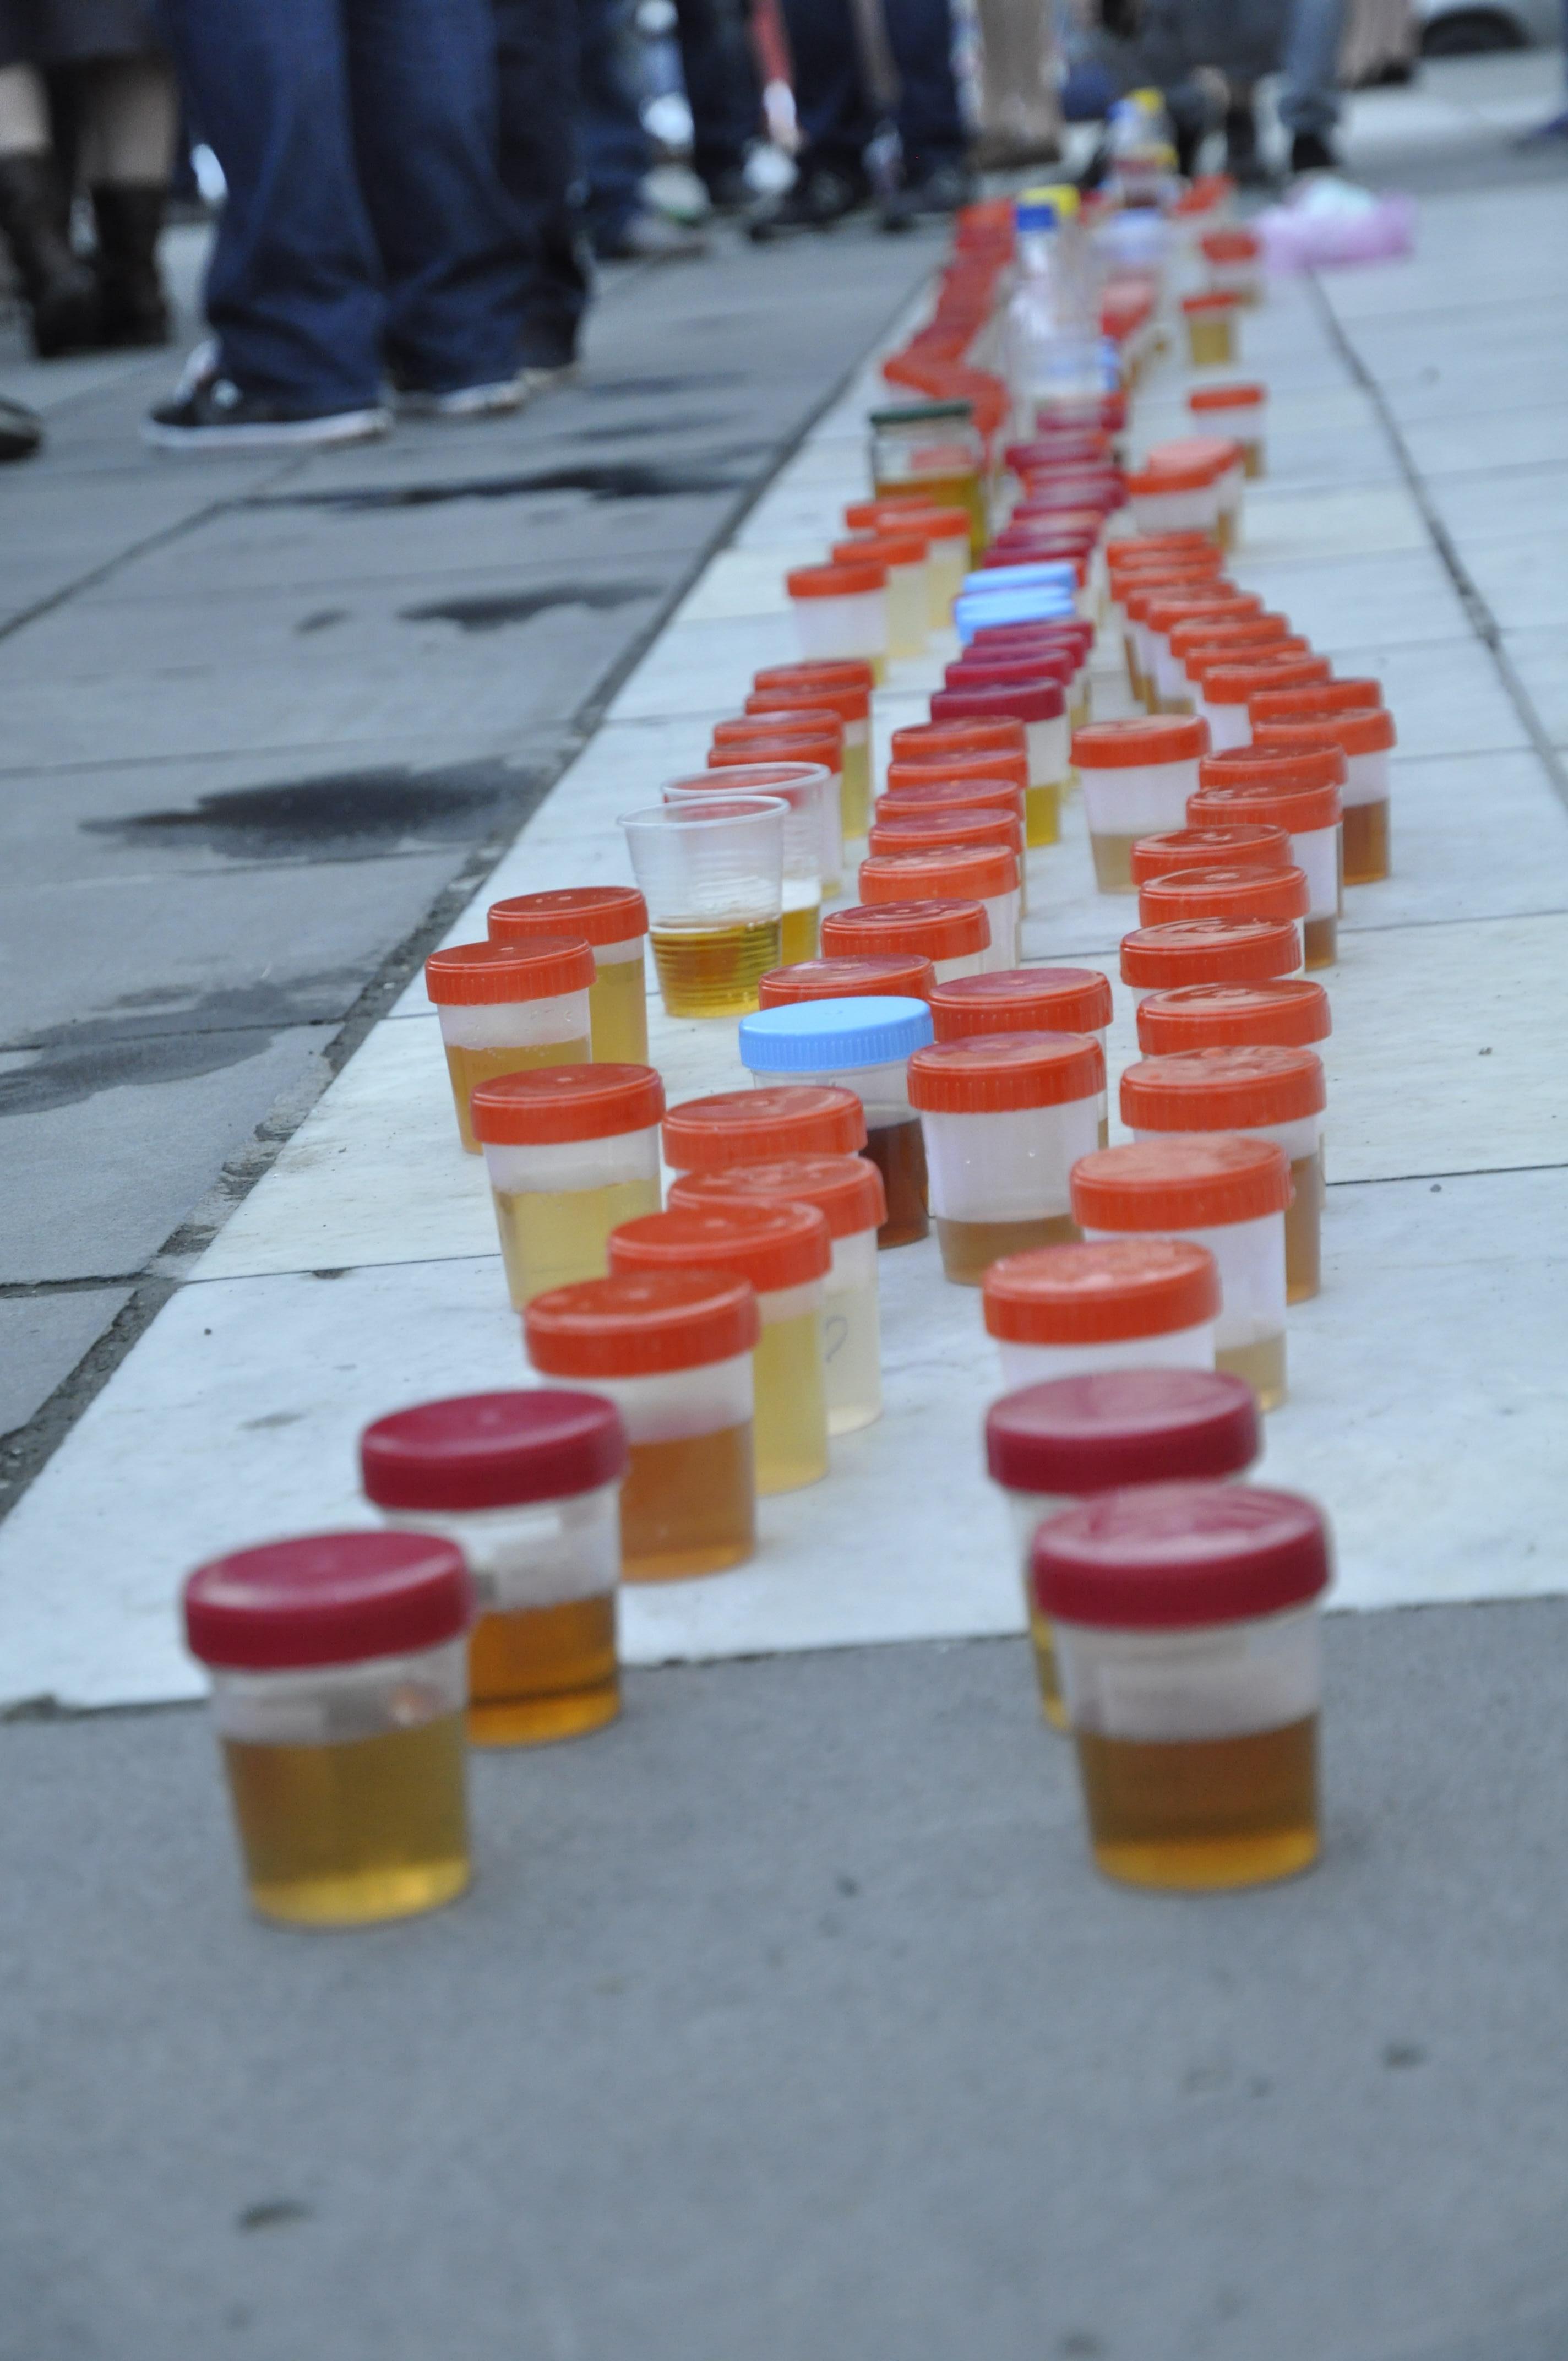 მოქალაქეებმა კანცელარიასთან შარდი მიიტანეს. აქცია ჰუმანური ნარკოპოლიტიკის მოთხოვნით. ფოტო: გივი ავალიანი / ნეტგაზეთი